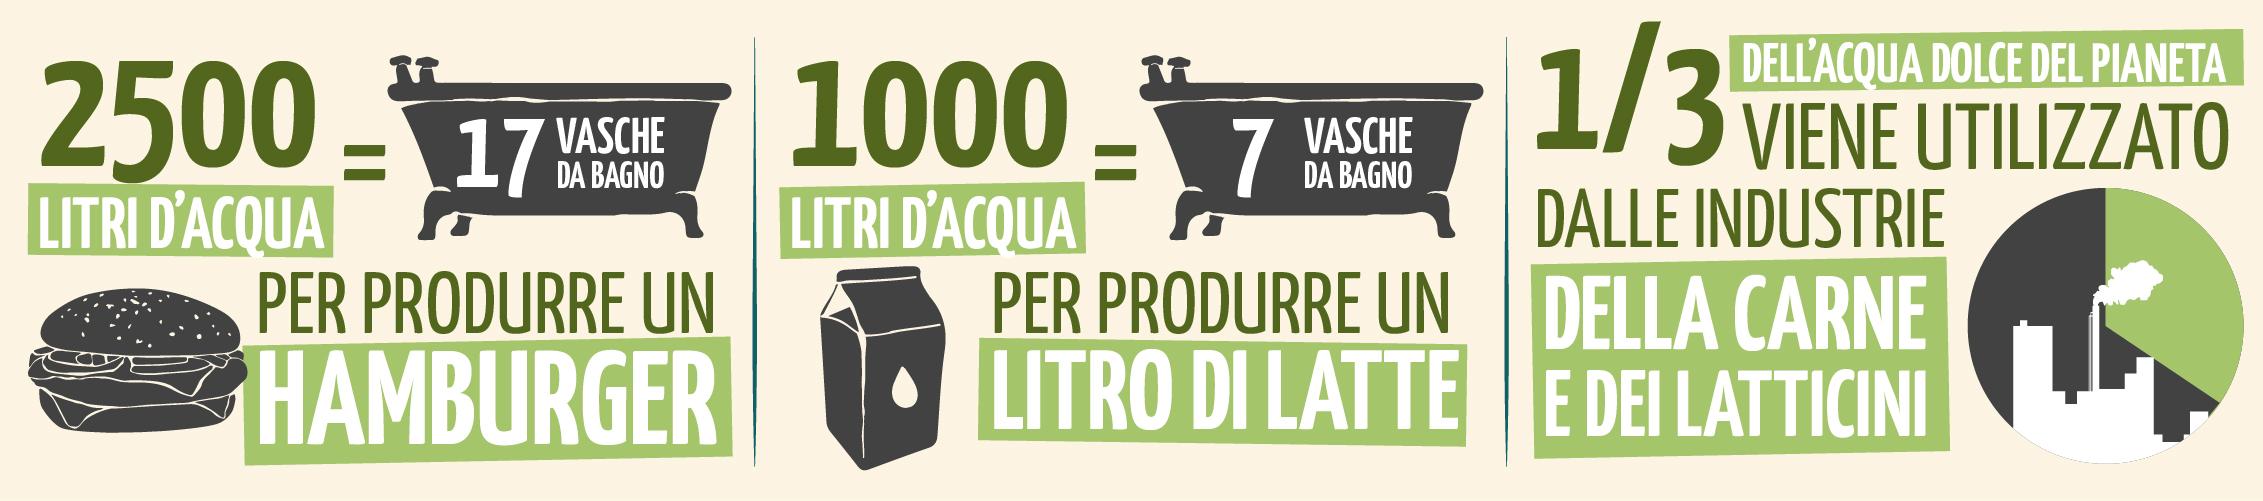 cibi animali sprecano più acqua di quelli vegetali